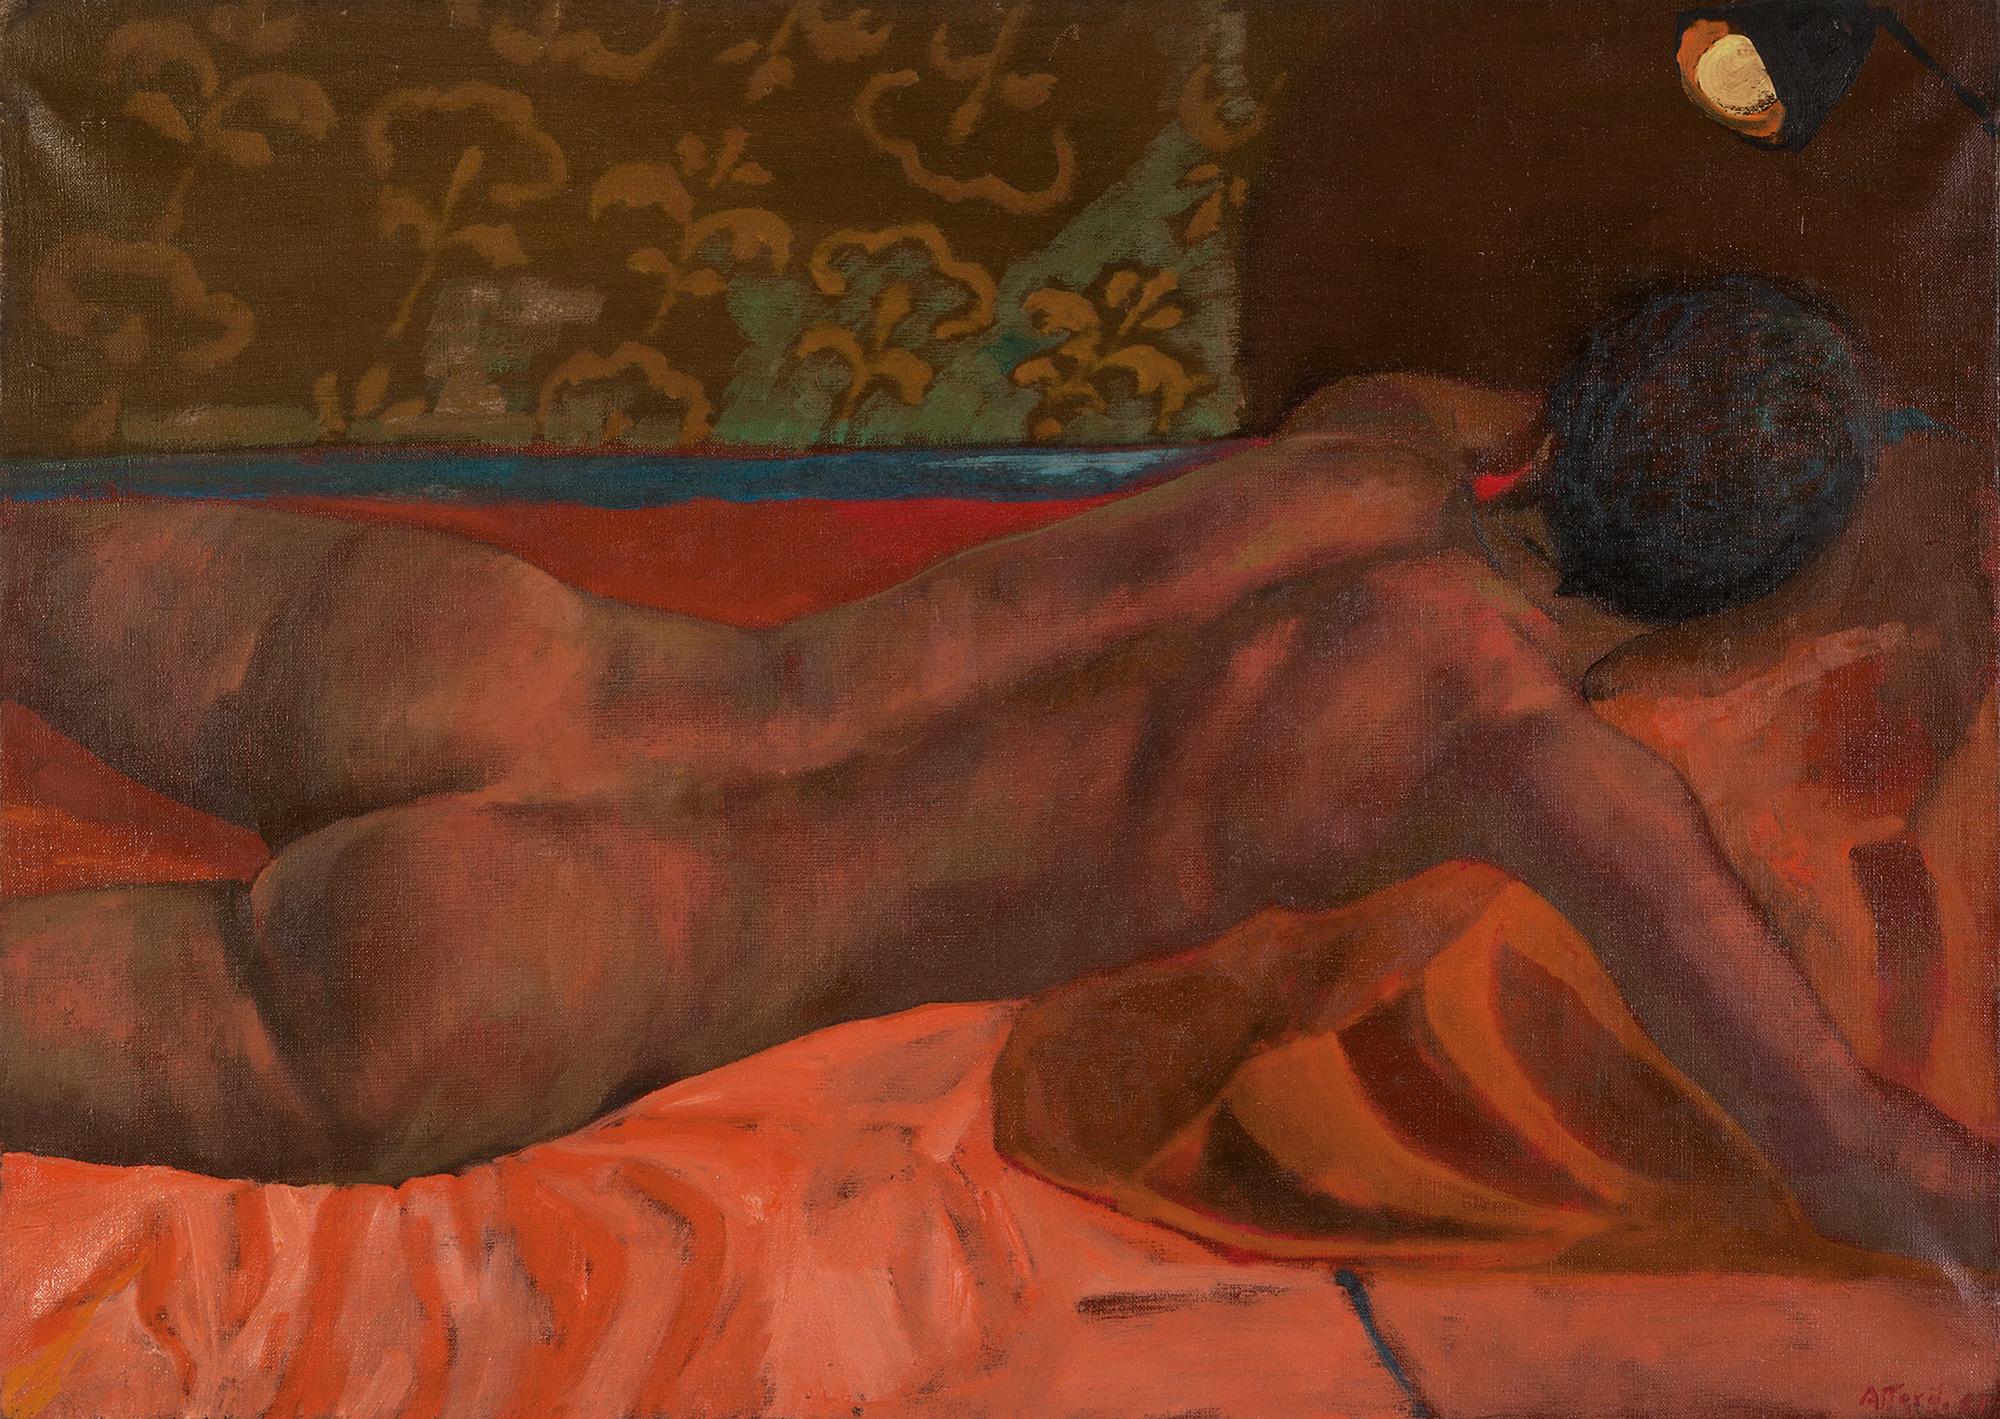 Nudo sdraiato, 1981